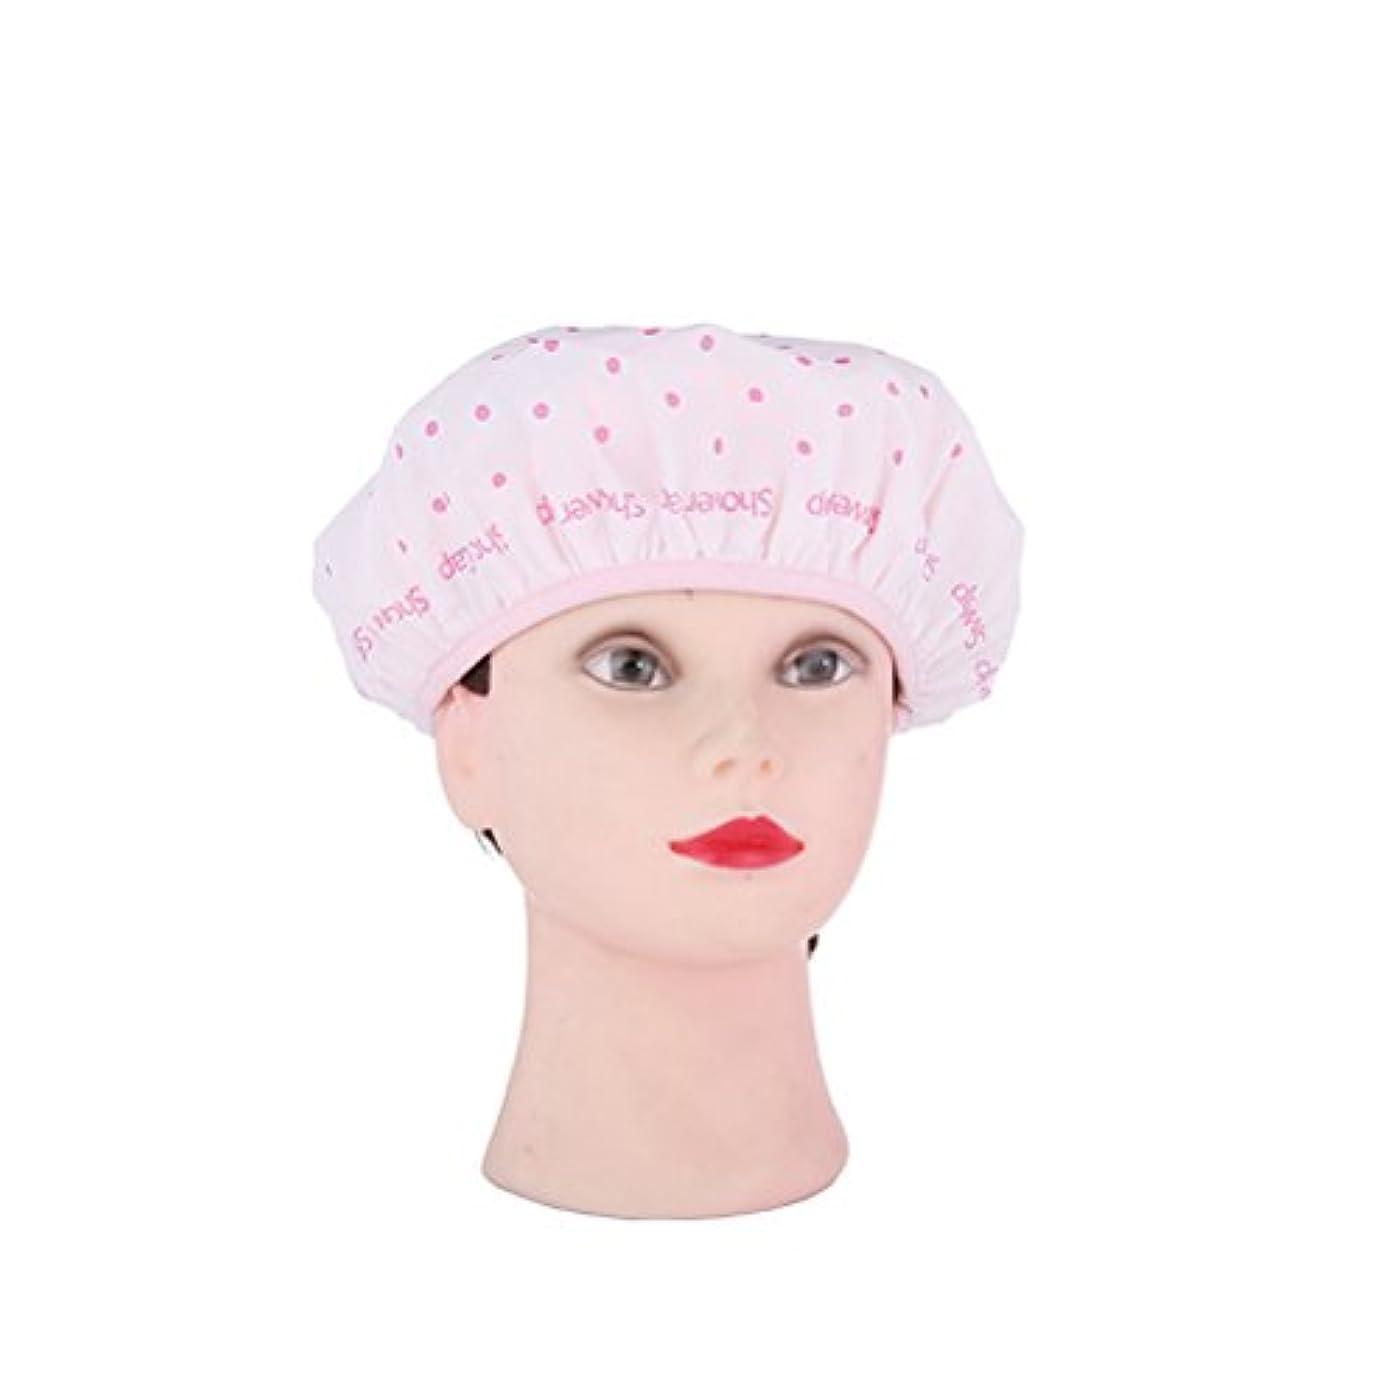 ジレンマ黒人かわすHEALLILY シャワーの帽子女性の子供のための防水シャワーの帽子のBathのシャワーの毛の帽子